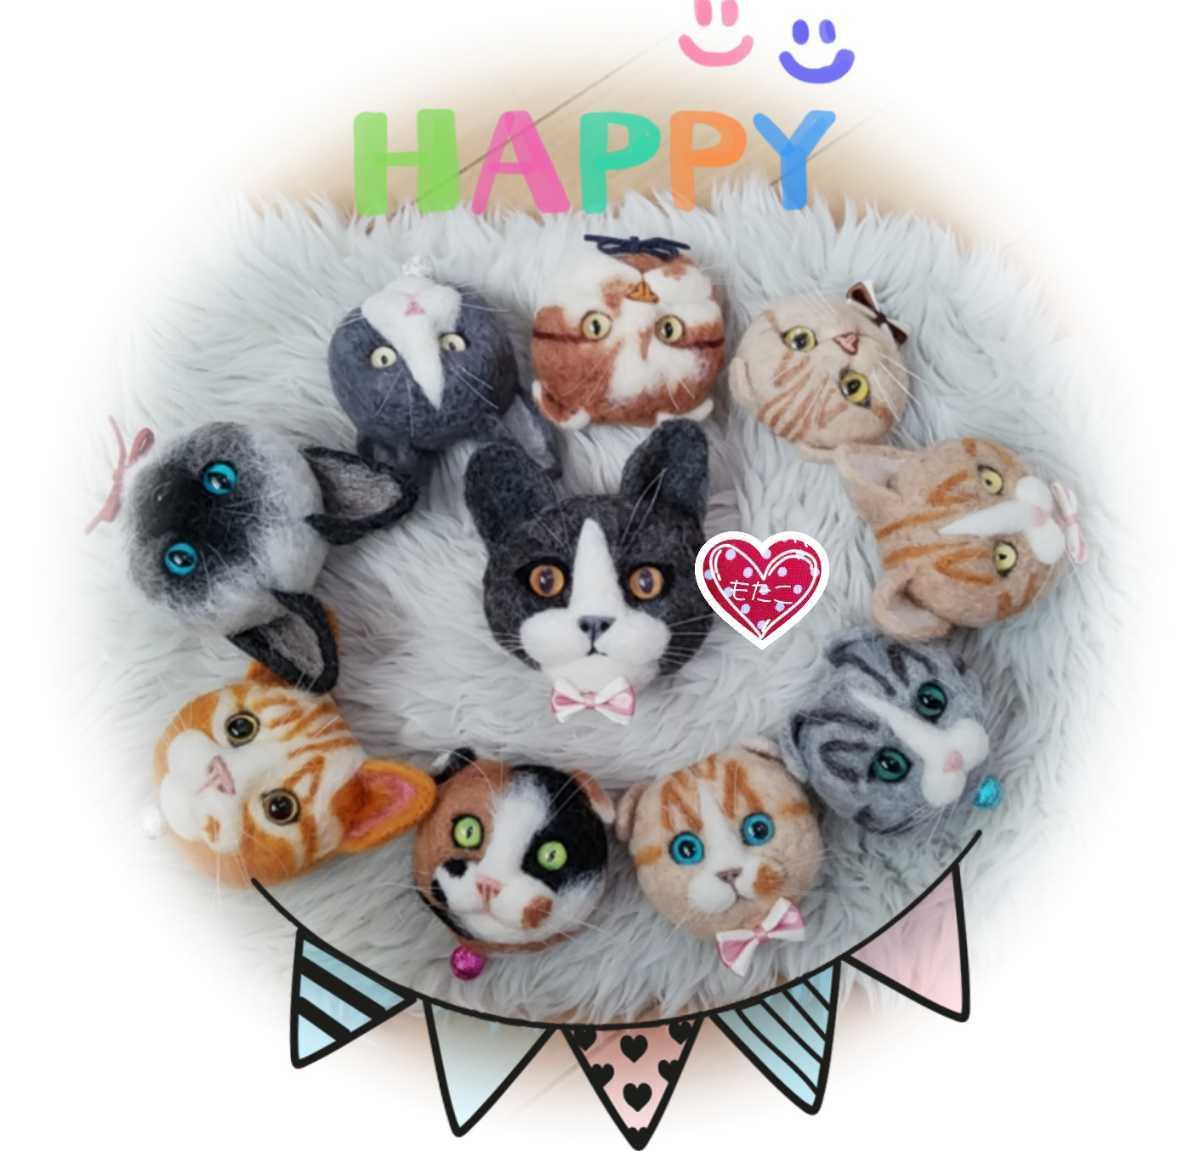 ハンドメイド 羊毛フェルト スコティッシュフォールド ハチワレスコティッシュフォールド 羊毛フェルト猫 猫ストラップ 猫チャーム _画像10